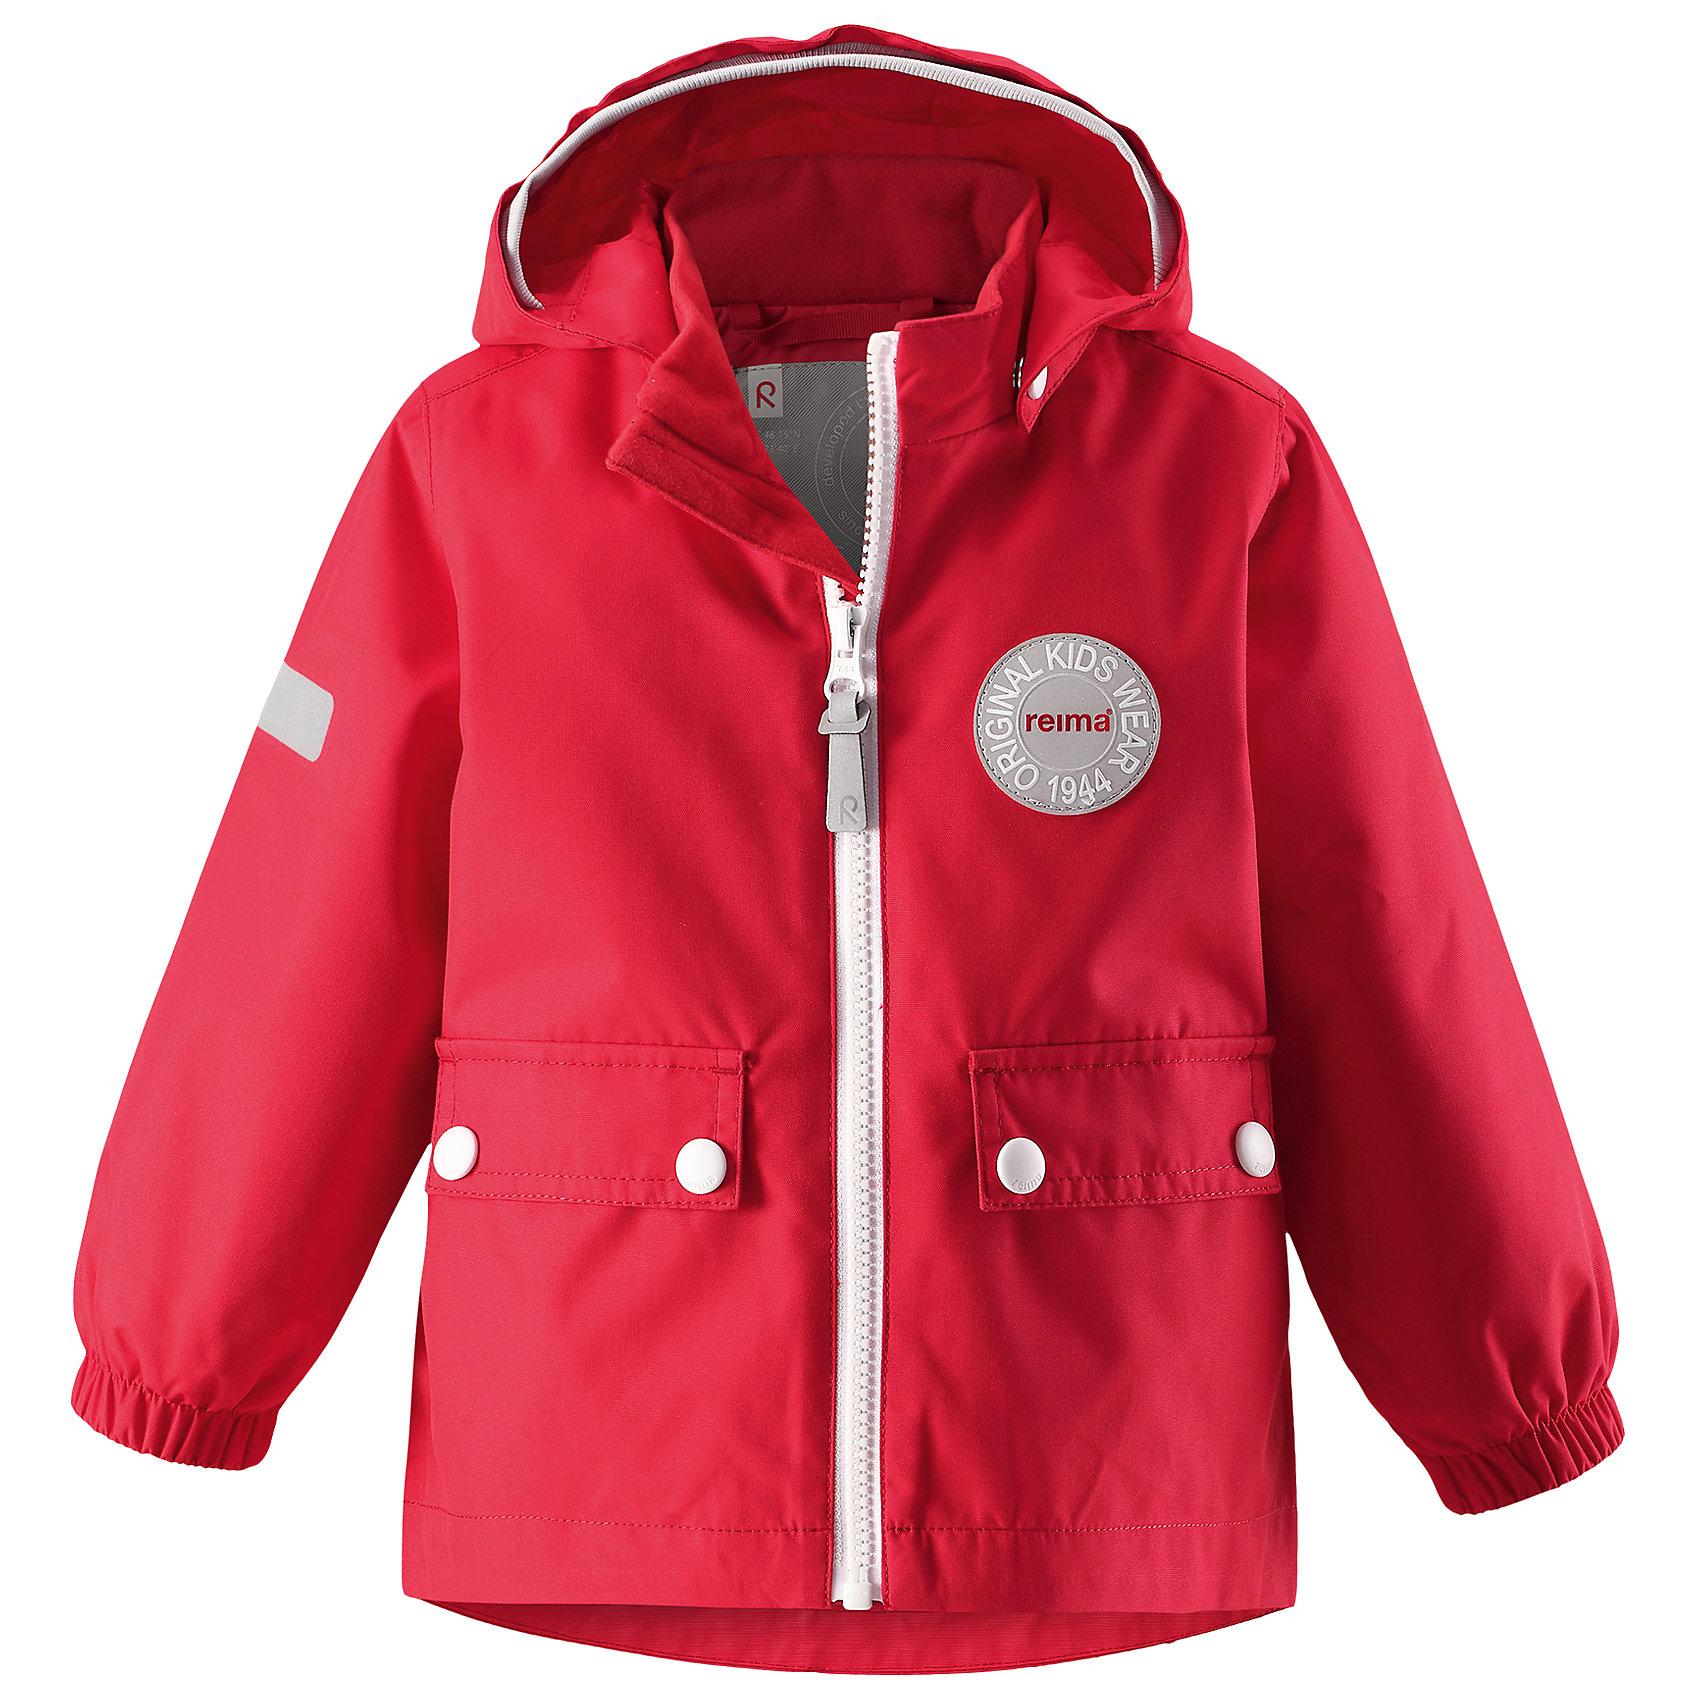 Куртка Quilt для девочки Reimatec® ReimaВерхняя одежда<br>Характеристики товара:<br><br>• цвет: красный<br>• состав: 100% полиэстер, полиуретановое покрытие<br>• температурный режим: от +5°до +15°С<br>• водонепроницаемость: 8000 мм<br>• воздухопроницаемость: 5000 мм<br>• износостойкость: 30000 циклов (тест Мартиндейла)<br>• без утеплителя<br>• швы проклеены, водонепроницаемы<br>• водо- и ветронепроницаемый, дышащий, грязеотталкивающий материал<br>• безопасный съёмный капюшон<br>• эластичные манжеты<br>• грязеотталкивающий материал<br>• два кармана с клапанами<br>• светоотражающие детали<br>• мягкая резинка на кромке капюшона<br>• комфортная посадка<br>• страна производства: Китай<br>• страна бренда: Финляндия<br>• коллекция: весна-лето 2017<br><br>Верхняя одежда для детей может быть модной и комфортной одновременно! Демисезонная куртка поможет обеспечить ребенку комфорт и тепло. Она отлично смотрится с различной одеждой и обувью. Изделие удобно сидит и модно выглядит. Материал - прочный, хорошо подходящий для межсезонья, водо- и ветронепроницаемый, «дышащий». Стильный дизайн разрабатывался специально для детей.<br><br>Одежда и обувь от финского бренда Reima пользуется популярностью во многих странах. Эти изделия стильные, качественные и удобные. Для производства продукции используются только безопасные, проверенные материалы и фурнитура. Порадуйте ребенка модными и красивыми вещами от Reima! <br><br>Куртку для мальчика Reimatec® от финского бренда Reima (Рейма) можно купить в нашем интернет-магазине.<br><br>Ширина мм: 356<br>Глубина мм: 10<br>Высота мм: 245<br>Вес г: 519<br>Цвет: красный<br>Возраст от месяцев: 6<br>Возраст до месяцев: 9<br>Пол: Женский<br>Возраст: Детский<br>Размер: 74,92,98,86,80<br>SKU: 5265580